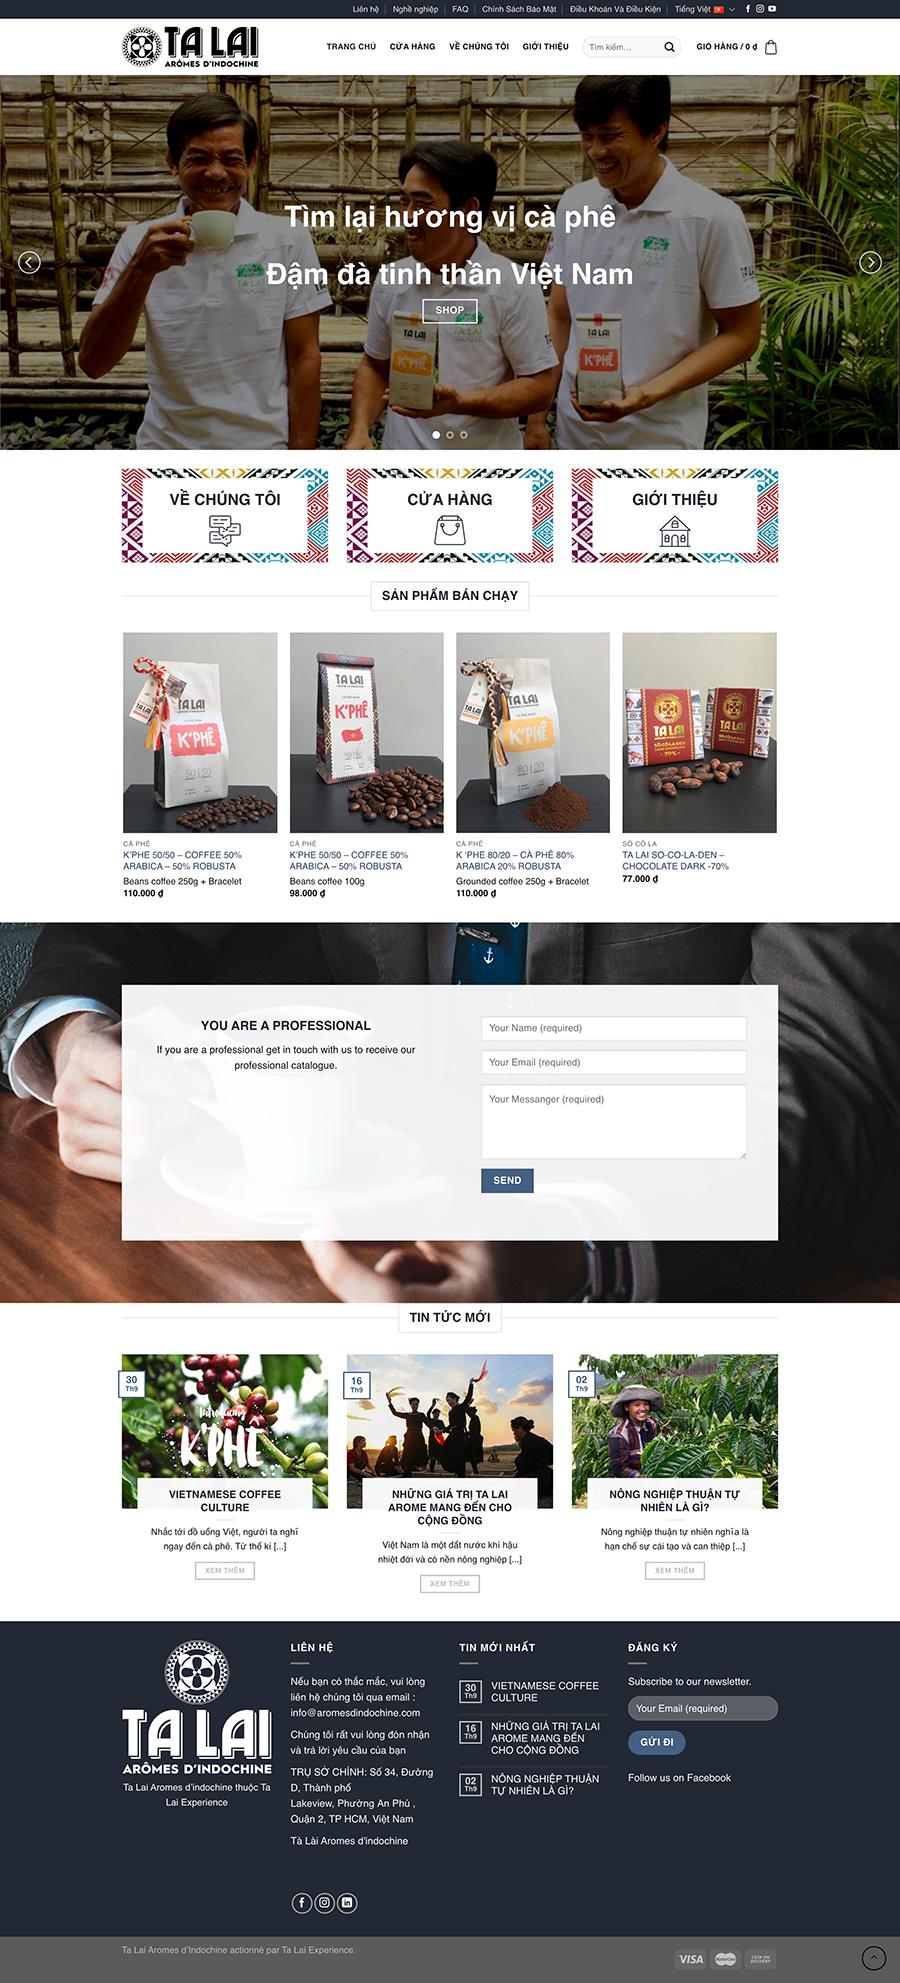 Dự án chuỗi cung ứng cà phê Tà Lài